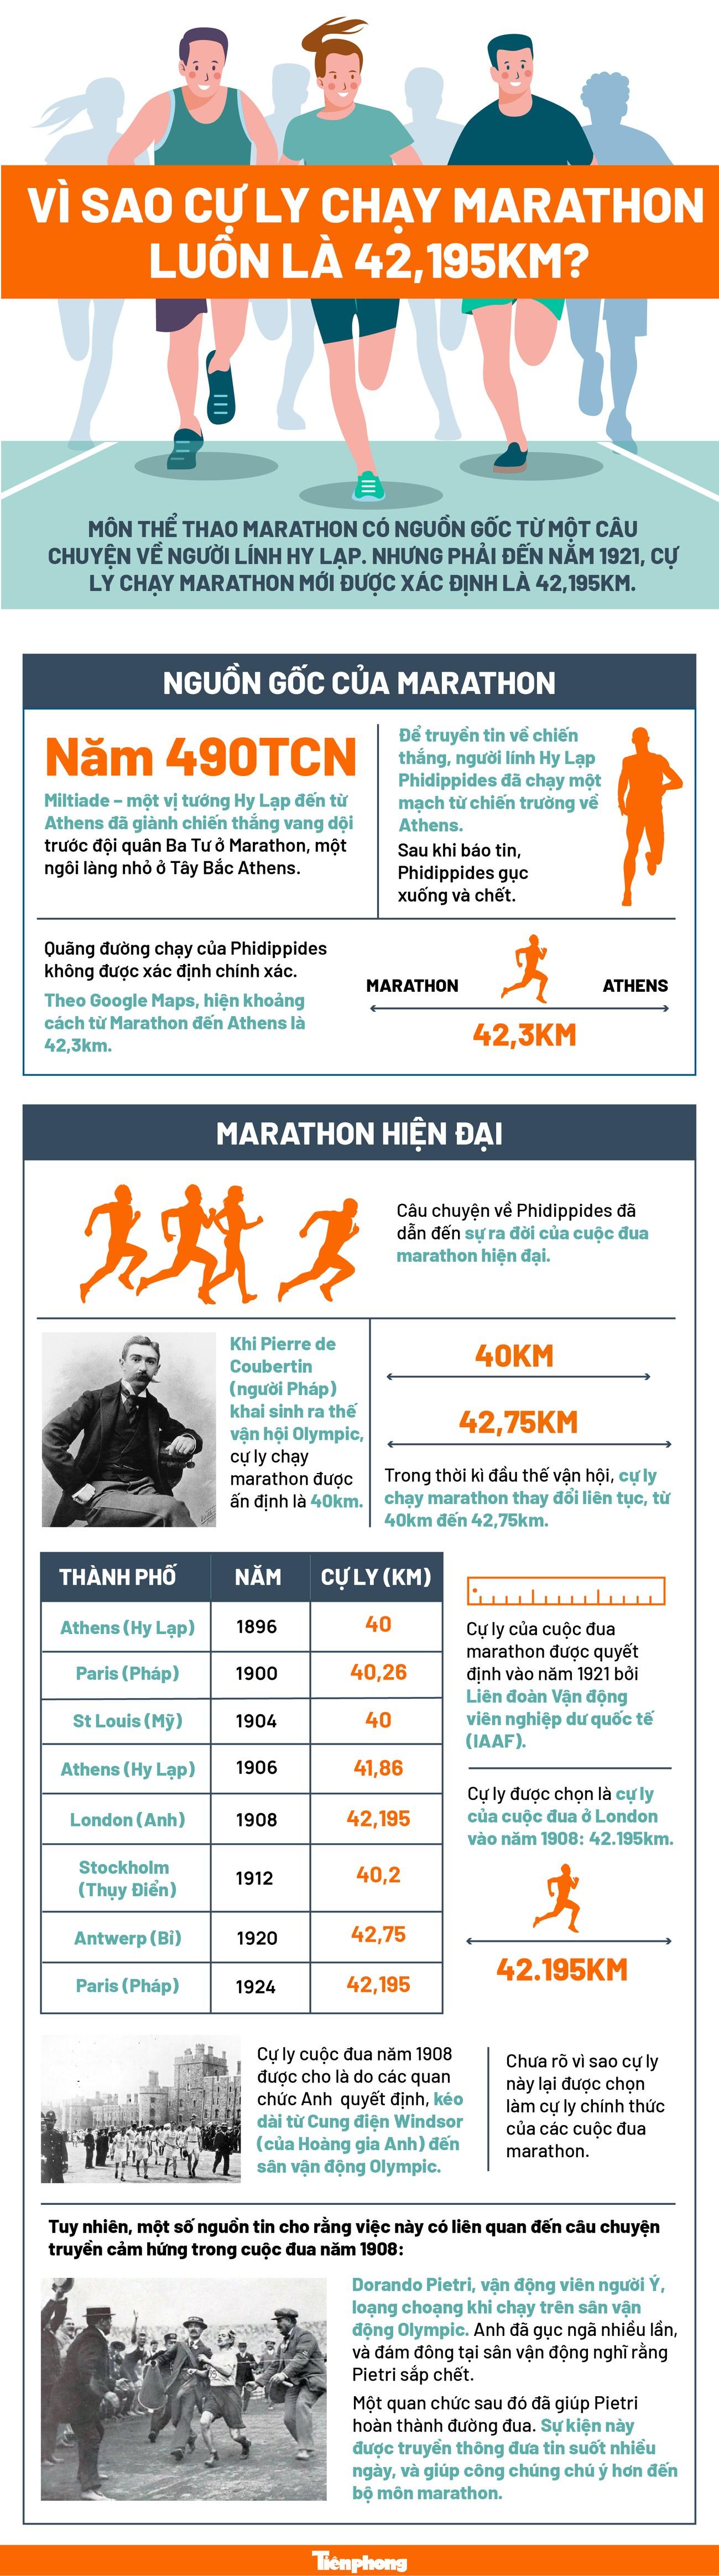 Vì sao cự ly chạy marathon luôn là 42,195km? ảnh 1